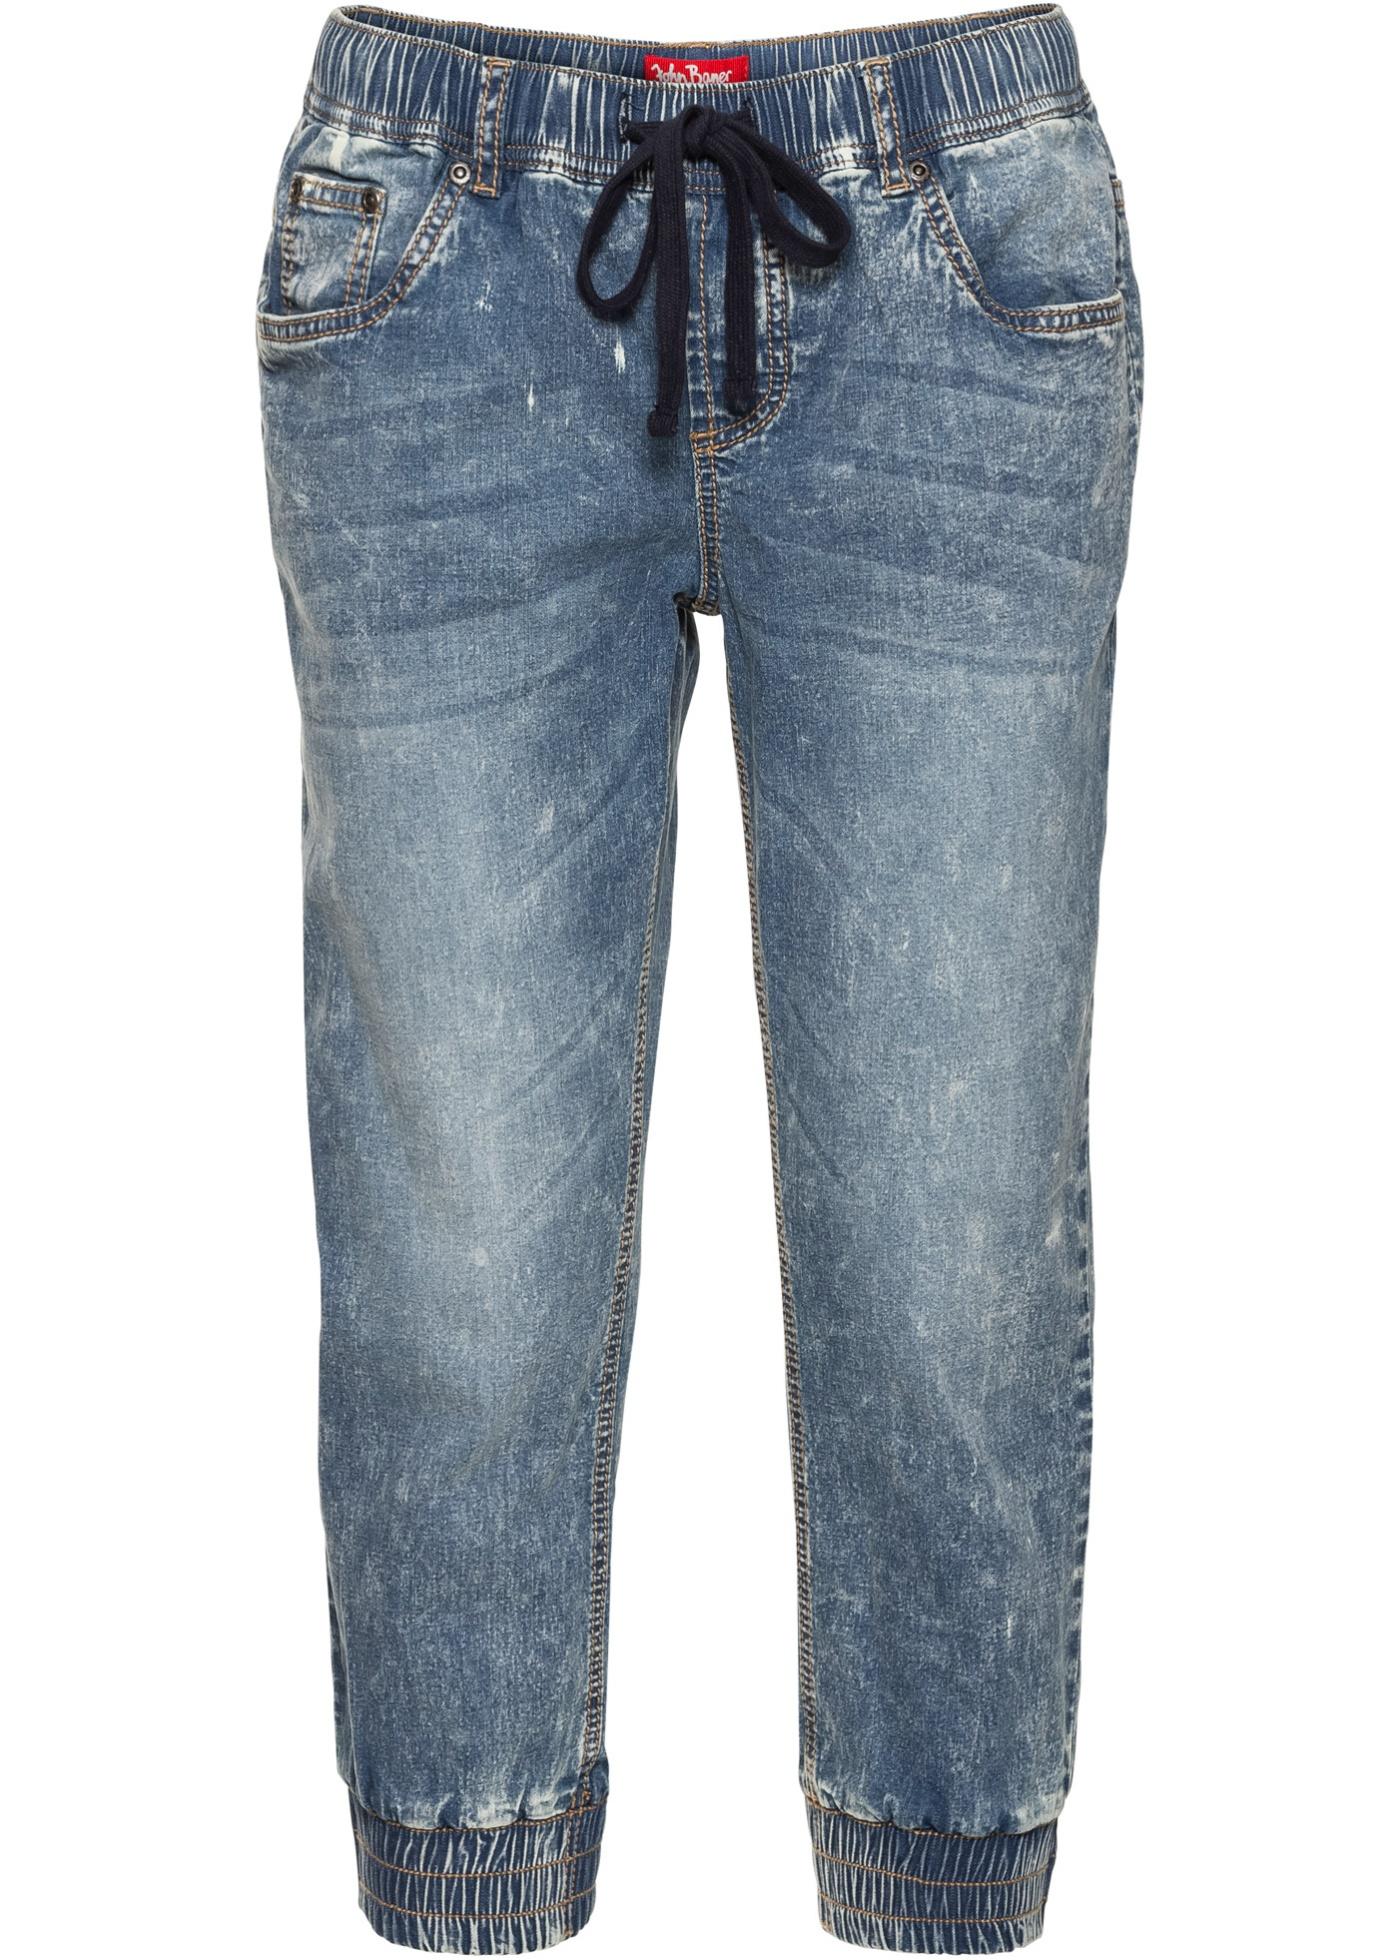 damen jeans mit gummizug machen sie den preisvergleich. Black Bedroom Furniture Sets. Home Design Ideas